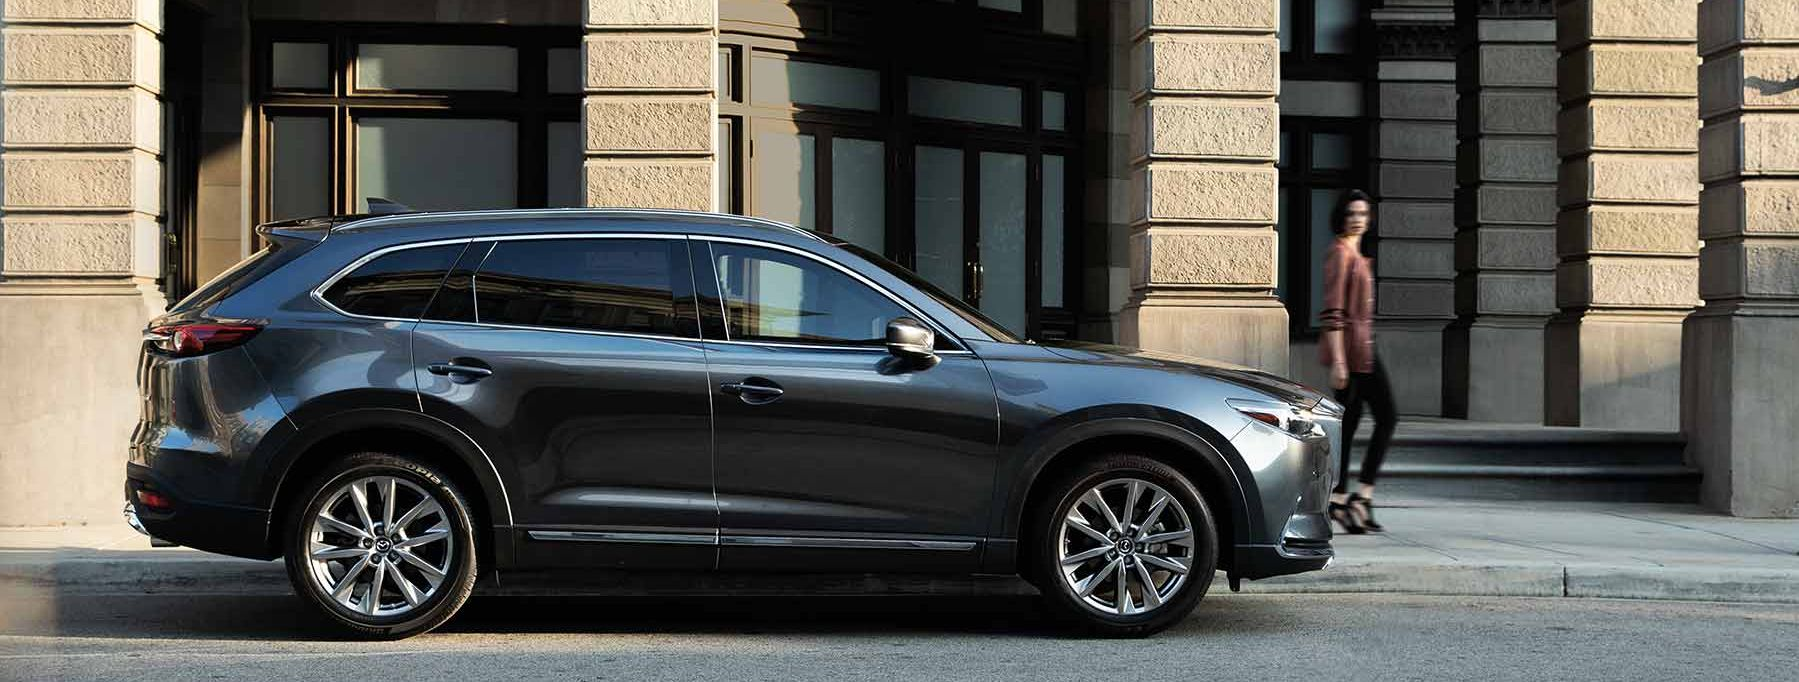 2019 Mazda CX-9 for Sale near Galena Park, TX